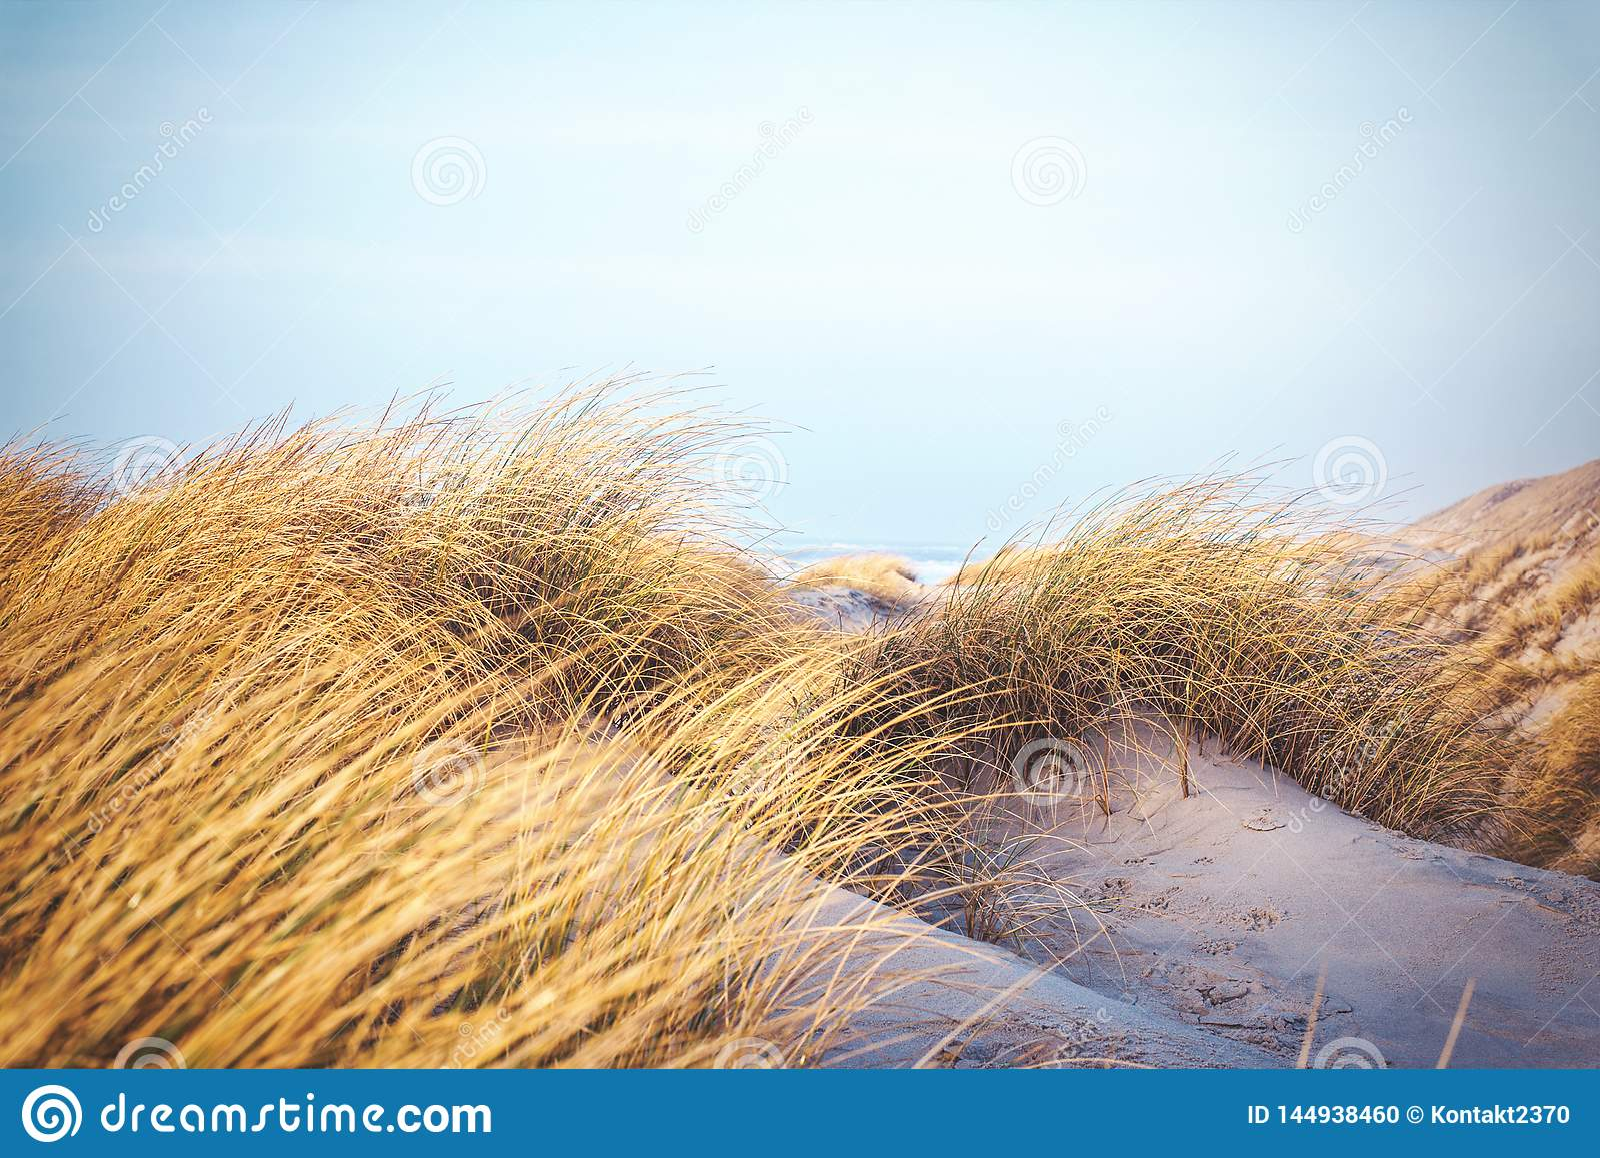 Grass in the dunes of Denmark